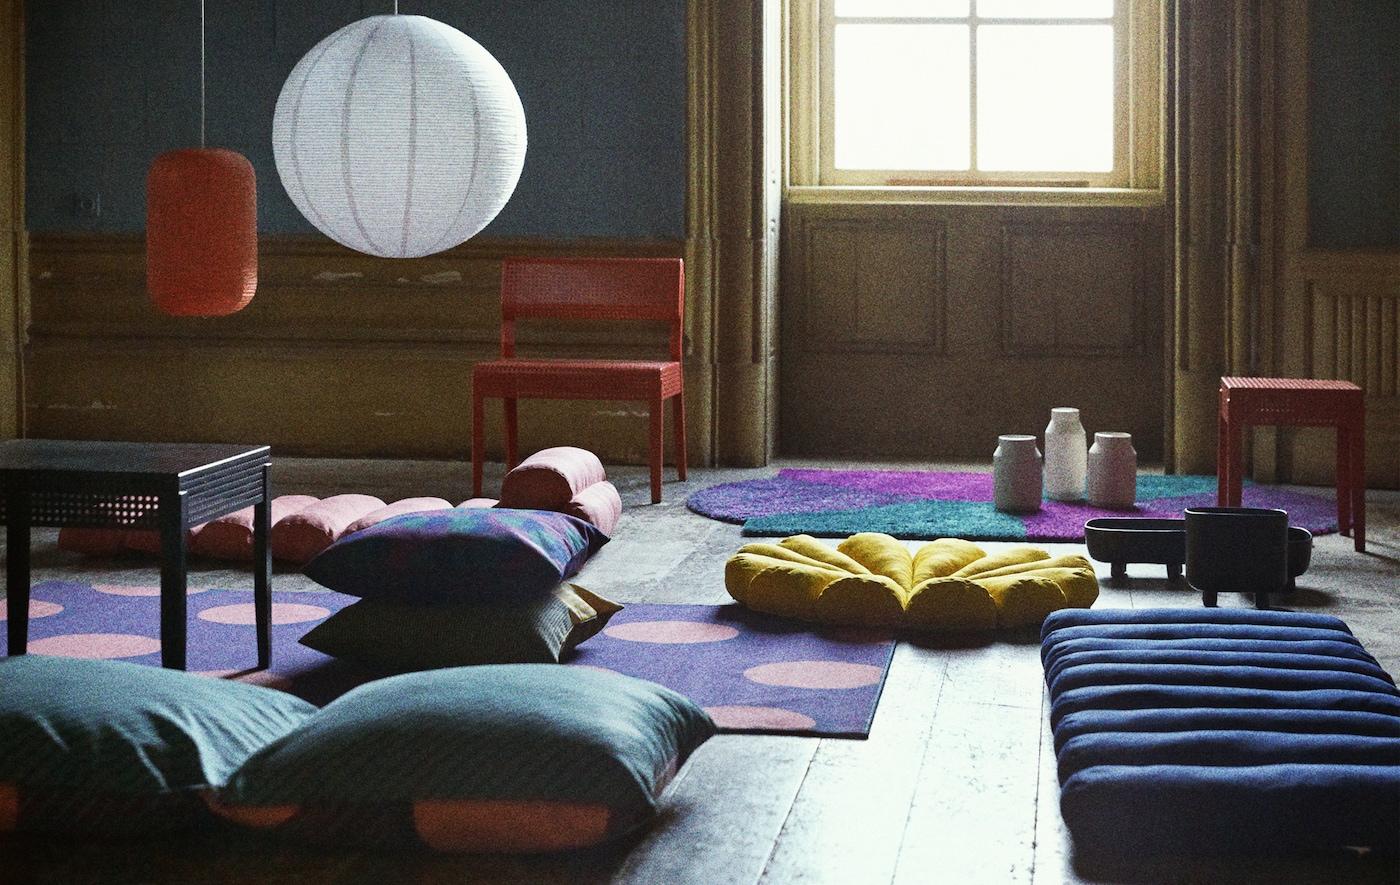 Soggiorno con cuscini e tappeti dalle fantasie vivaci sparsi sul pavimento - IKEA